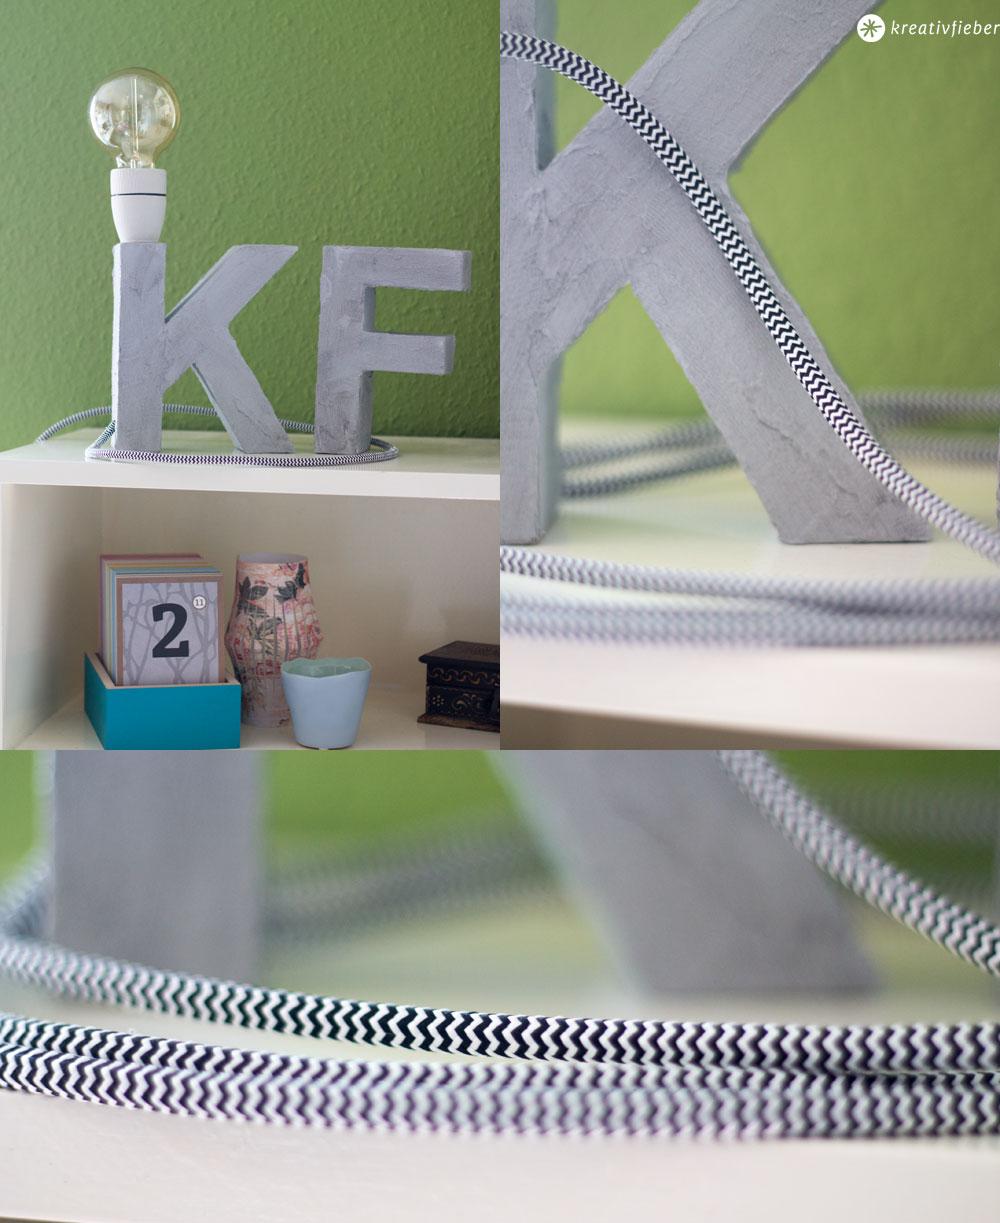 Buchstabenleuchte-mit-Textilkabel-und-Beton-Effekt-selbstmachen